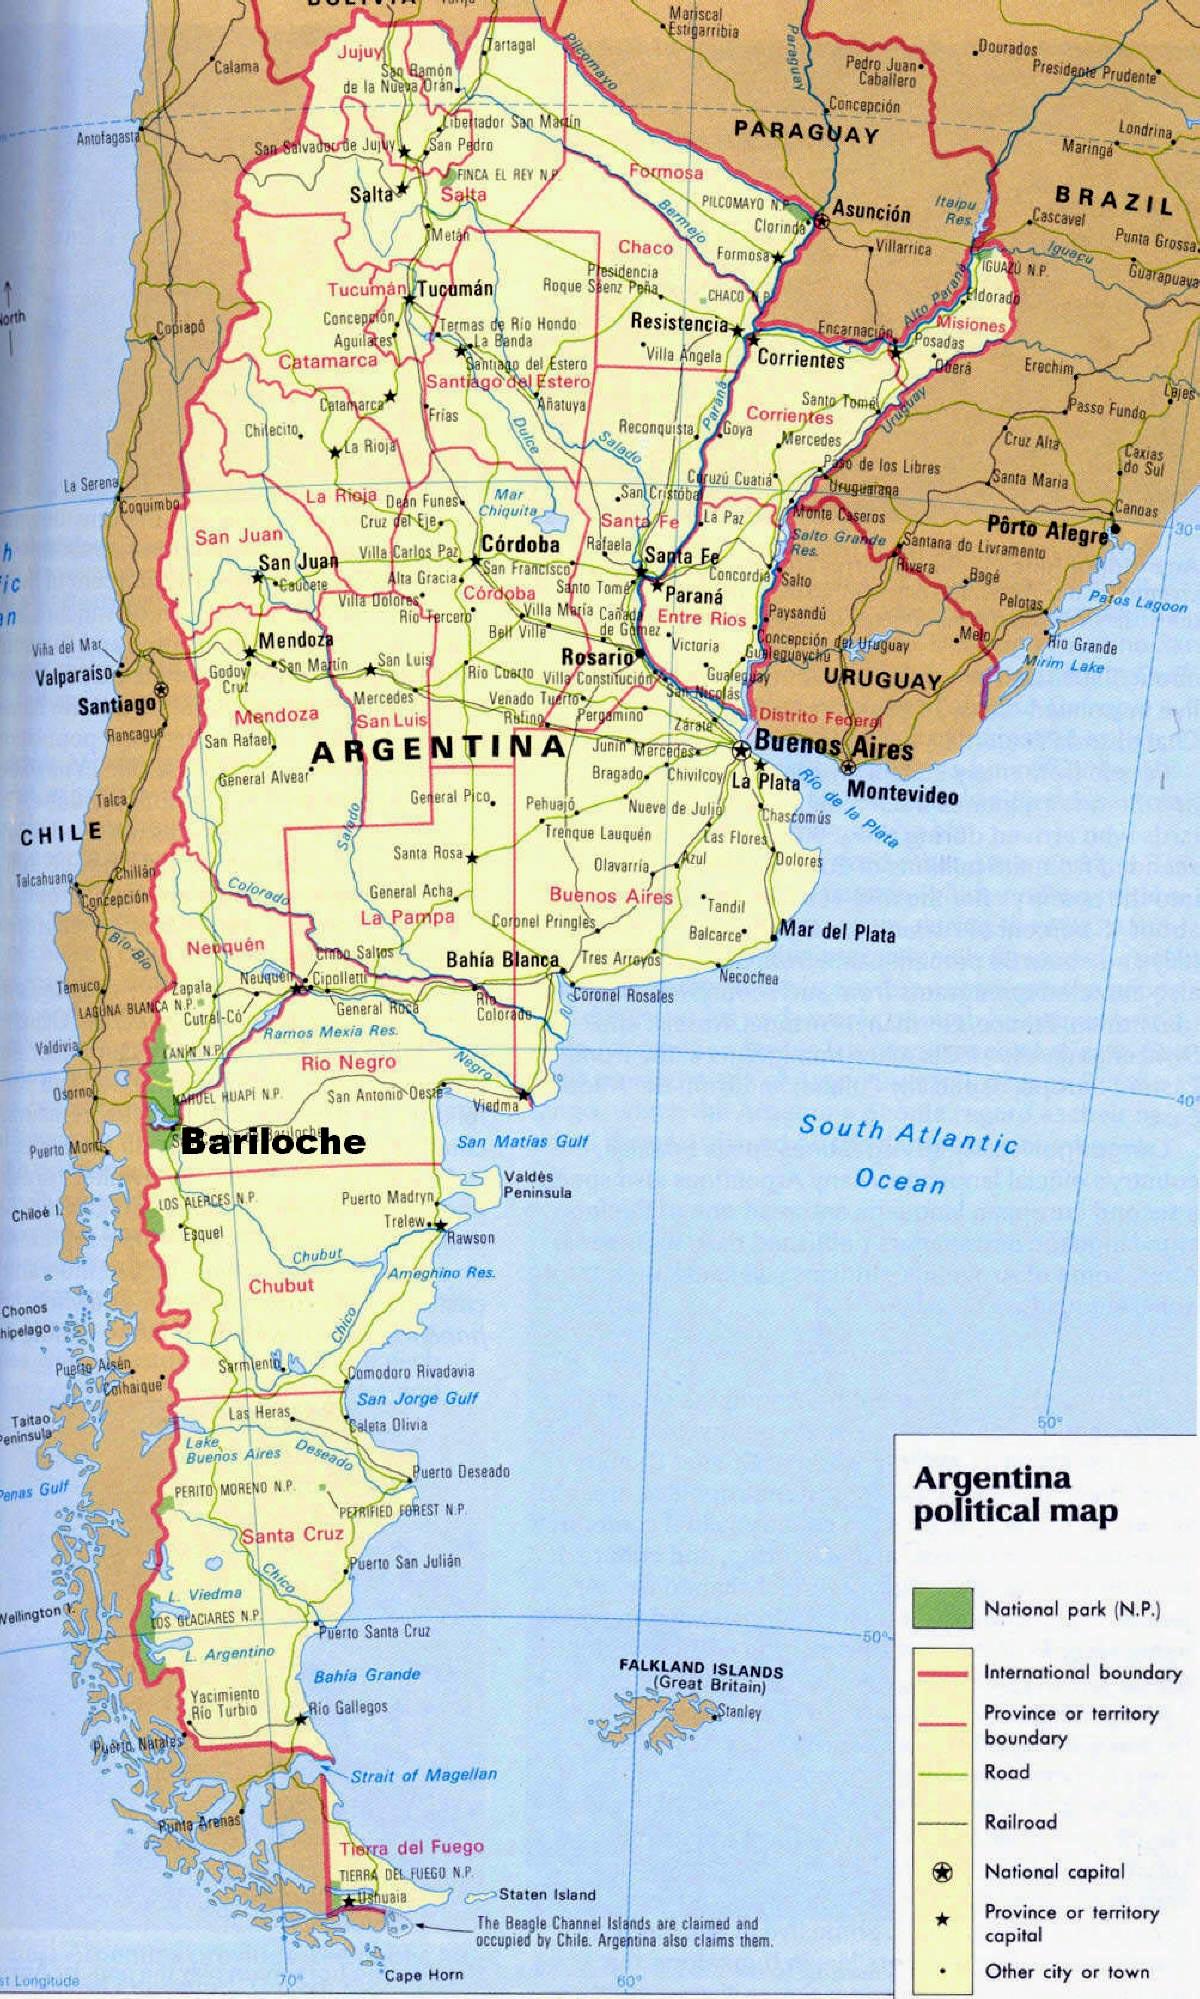 argentinien karte Karten von Argentinien | Karten von Argentinien zum Herunterladen  argentinien karte